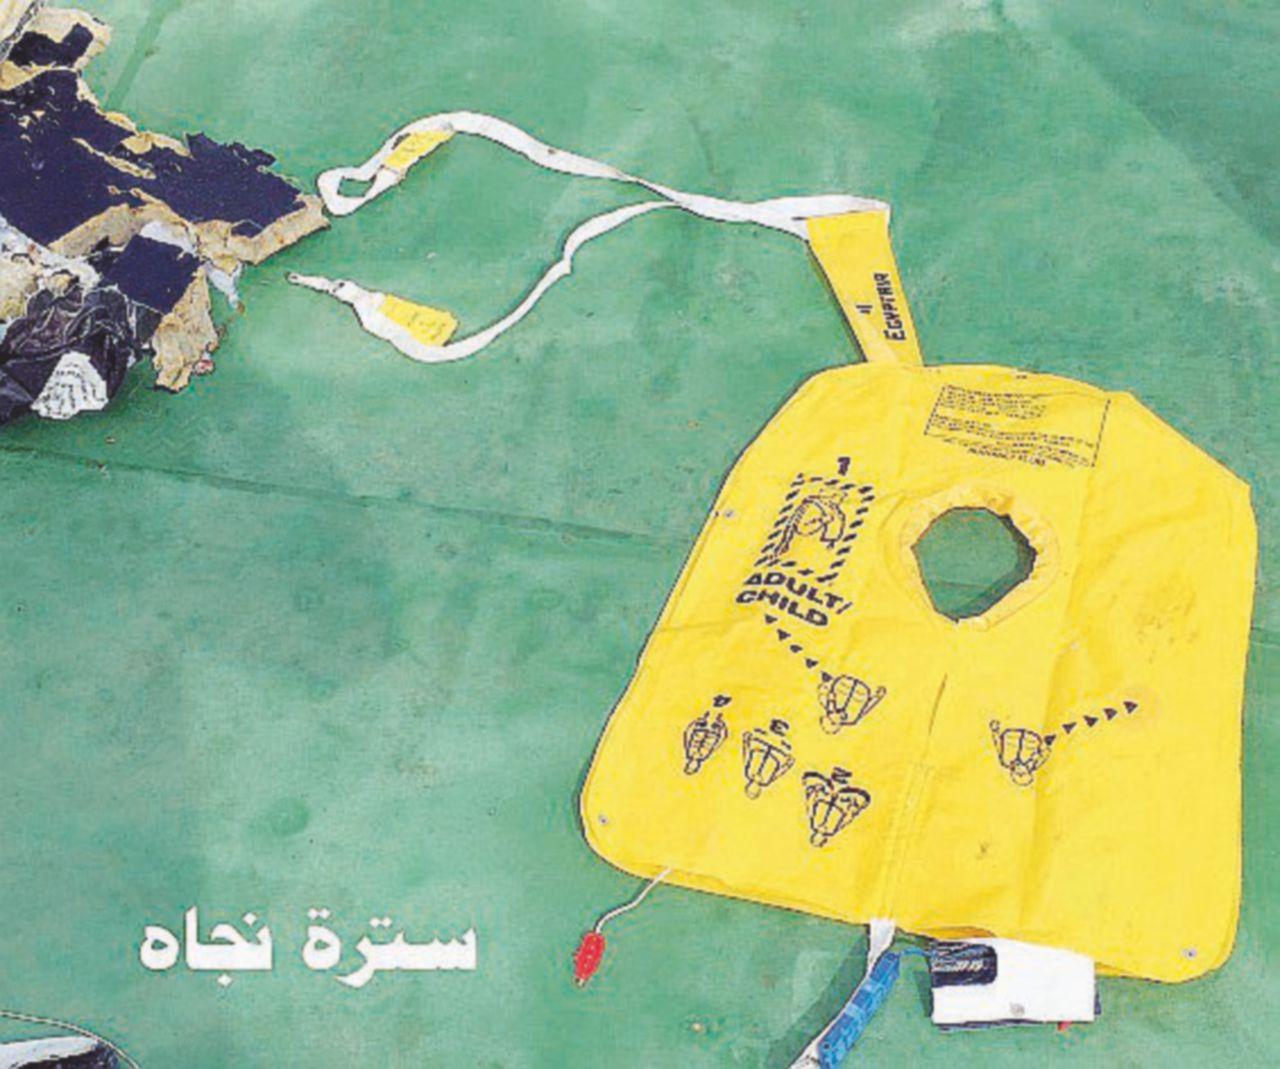 """EgyptAir, fumo prima del disastro. Fratelli Musulmani: """"Colpa di Al-Sisi"""""""